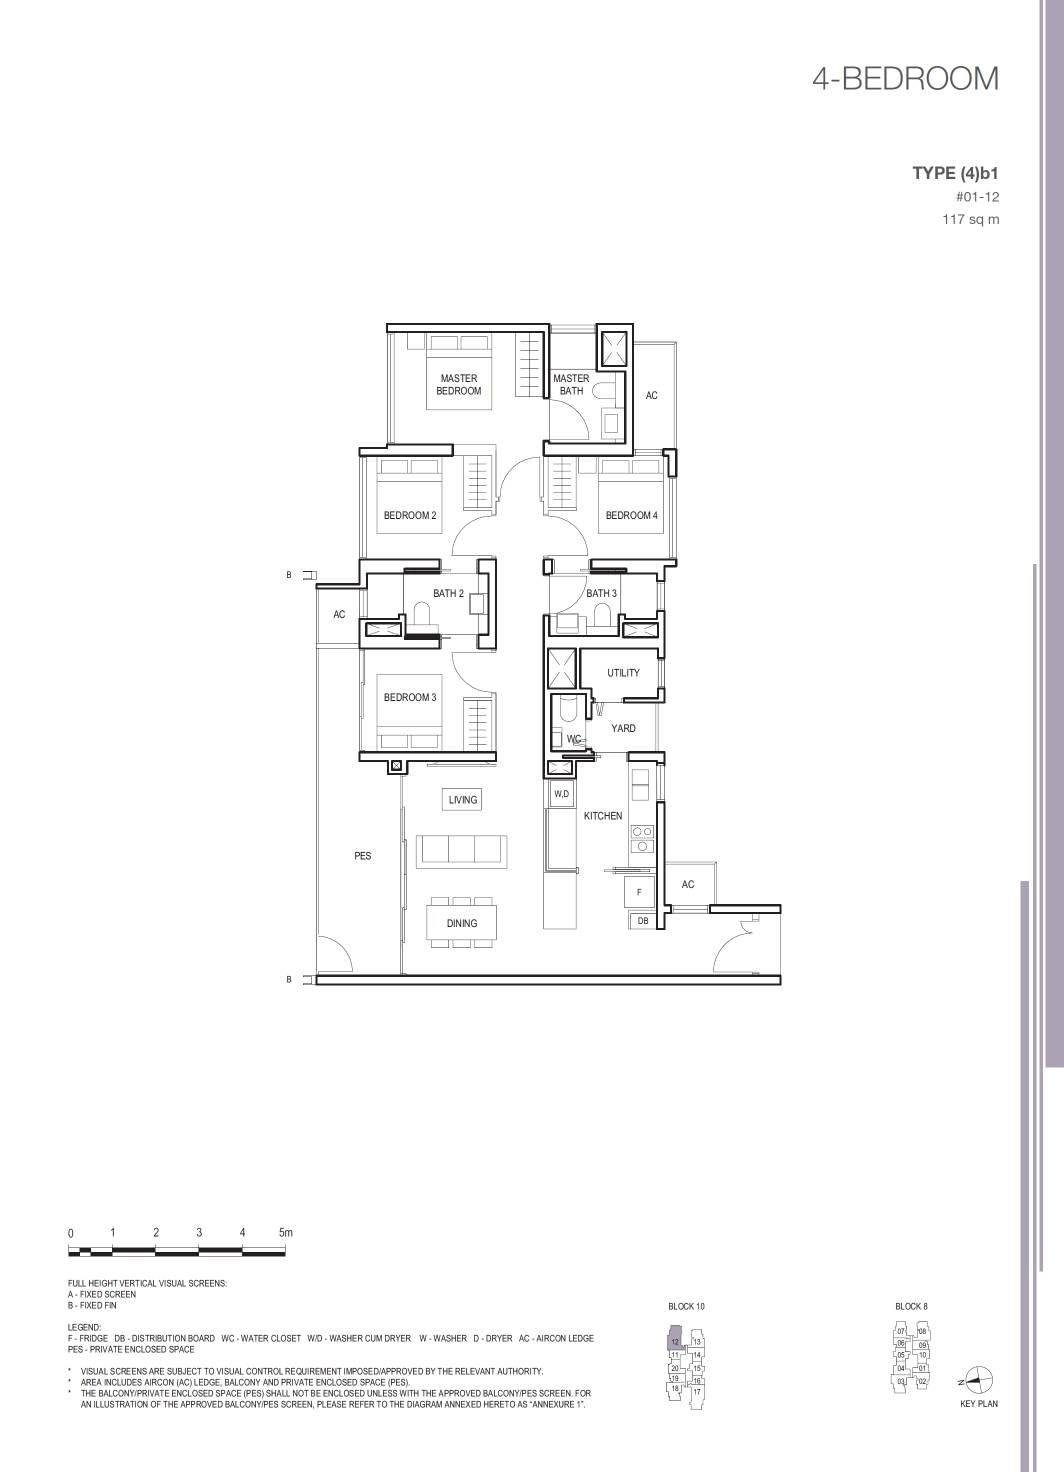 Midwood Midwood Floorplan 4b1